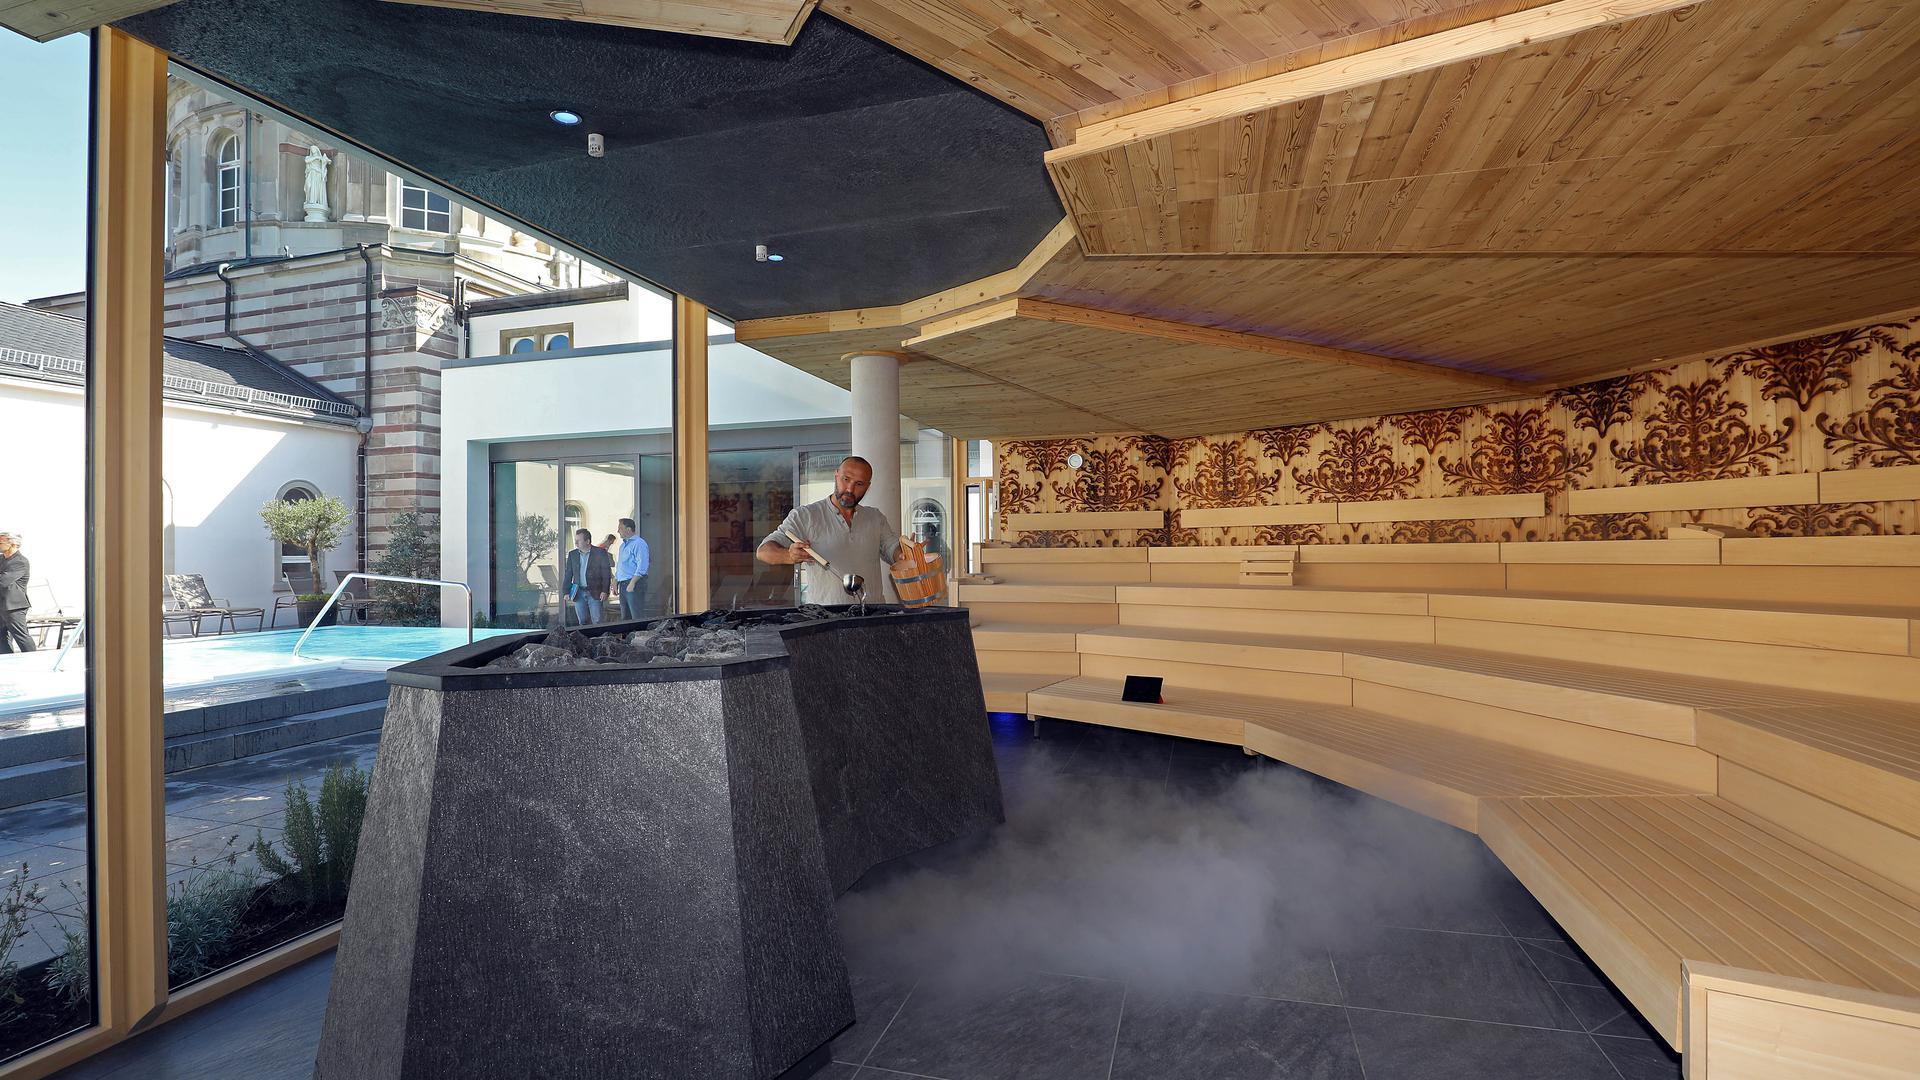 Saunameister in einer Sauna beim Aufguss.